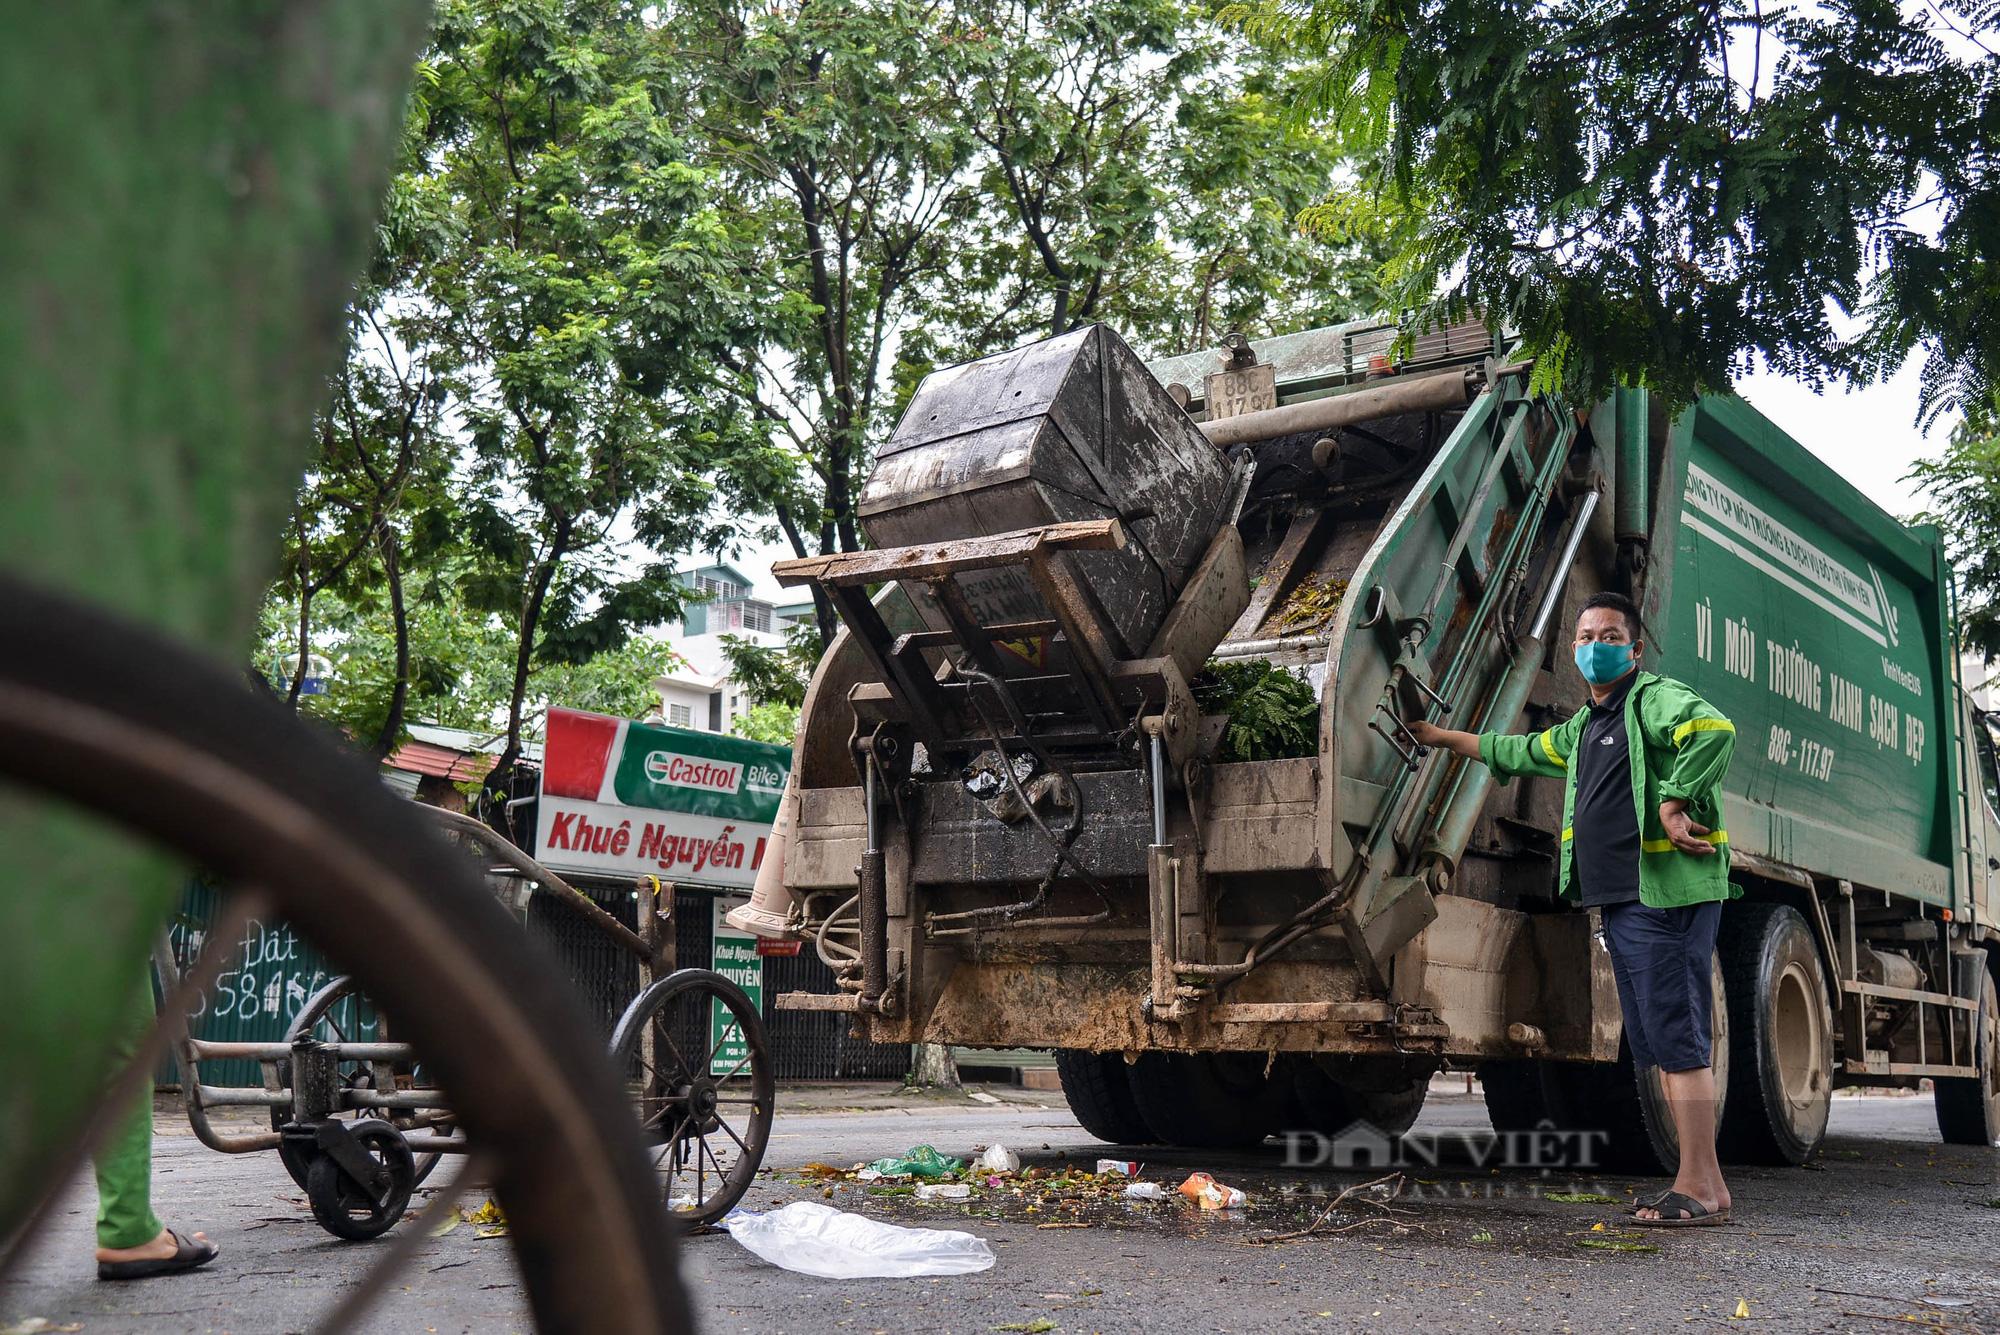 Công nhân vệ sinh môi trường: 'Thất thu' nhẹ mùa dịch, việc nhiều hơn - Ảnh 4.